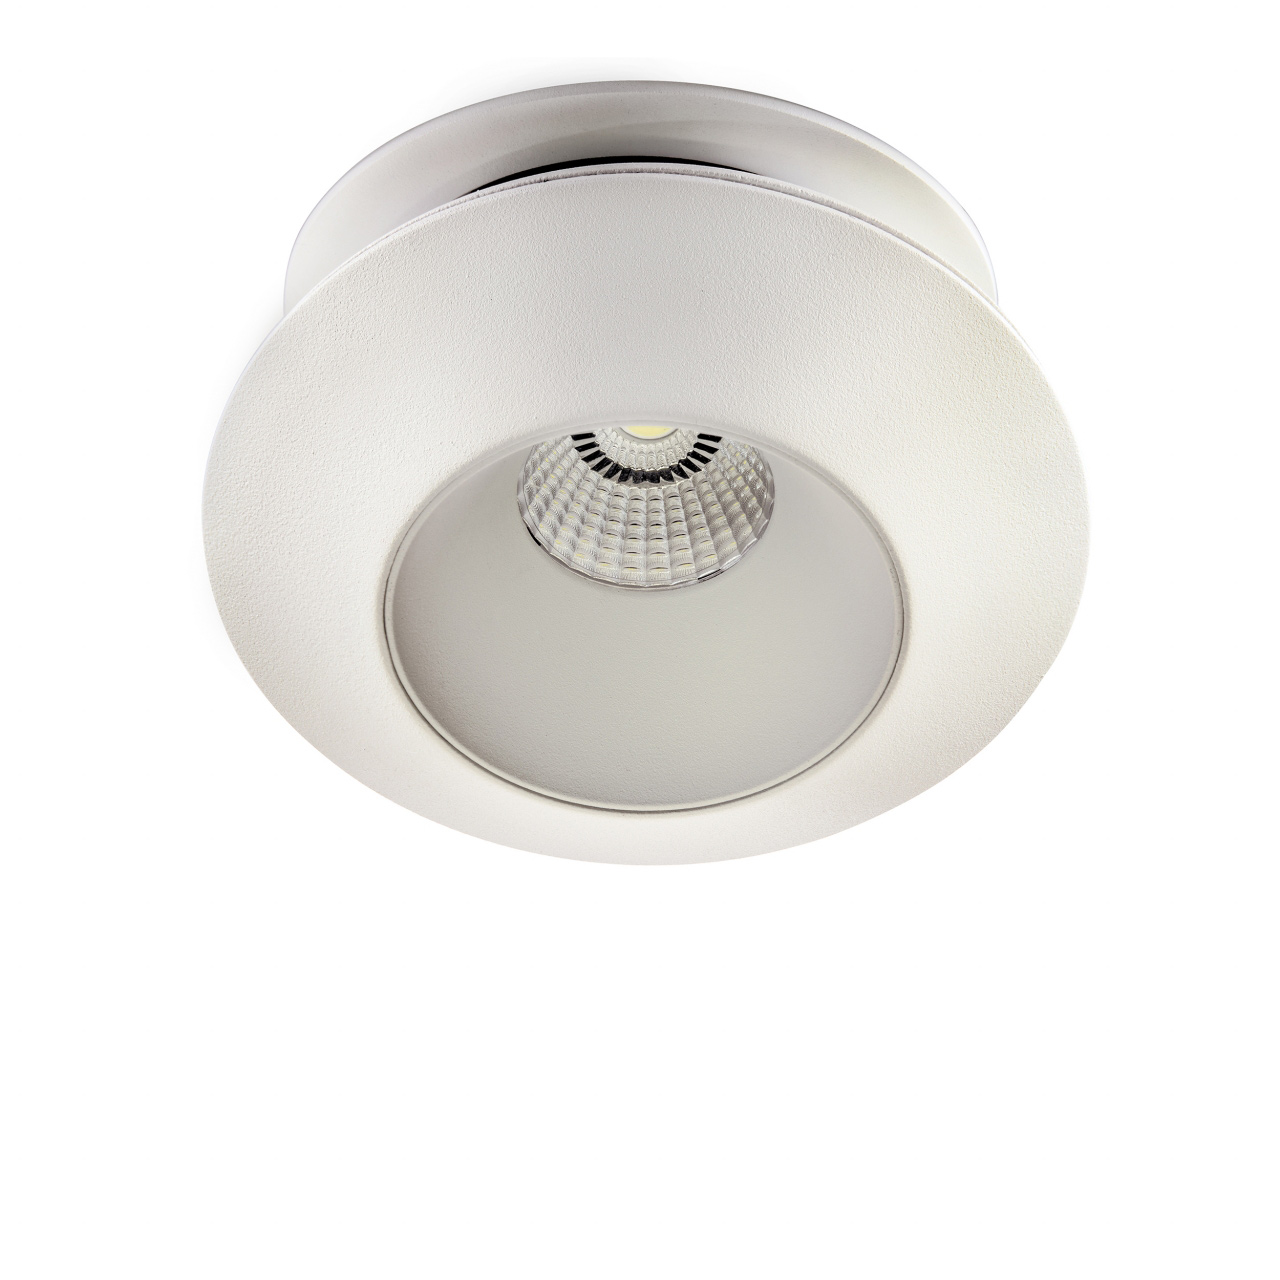 Светильник Orbe LED 15W 1240LM 60G белый 4000K Lightstar 051206